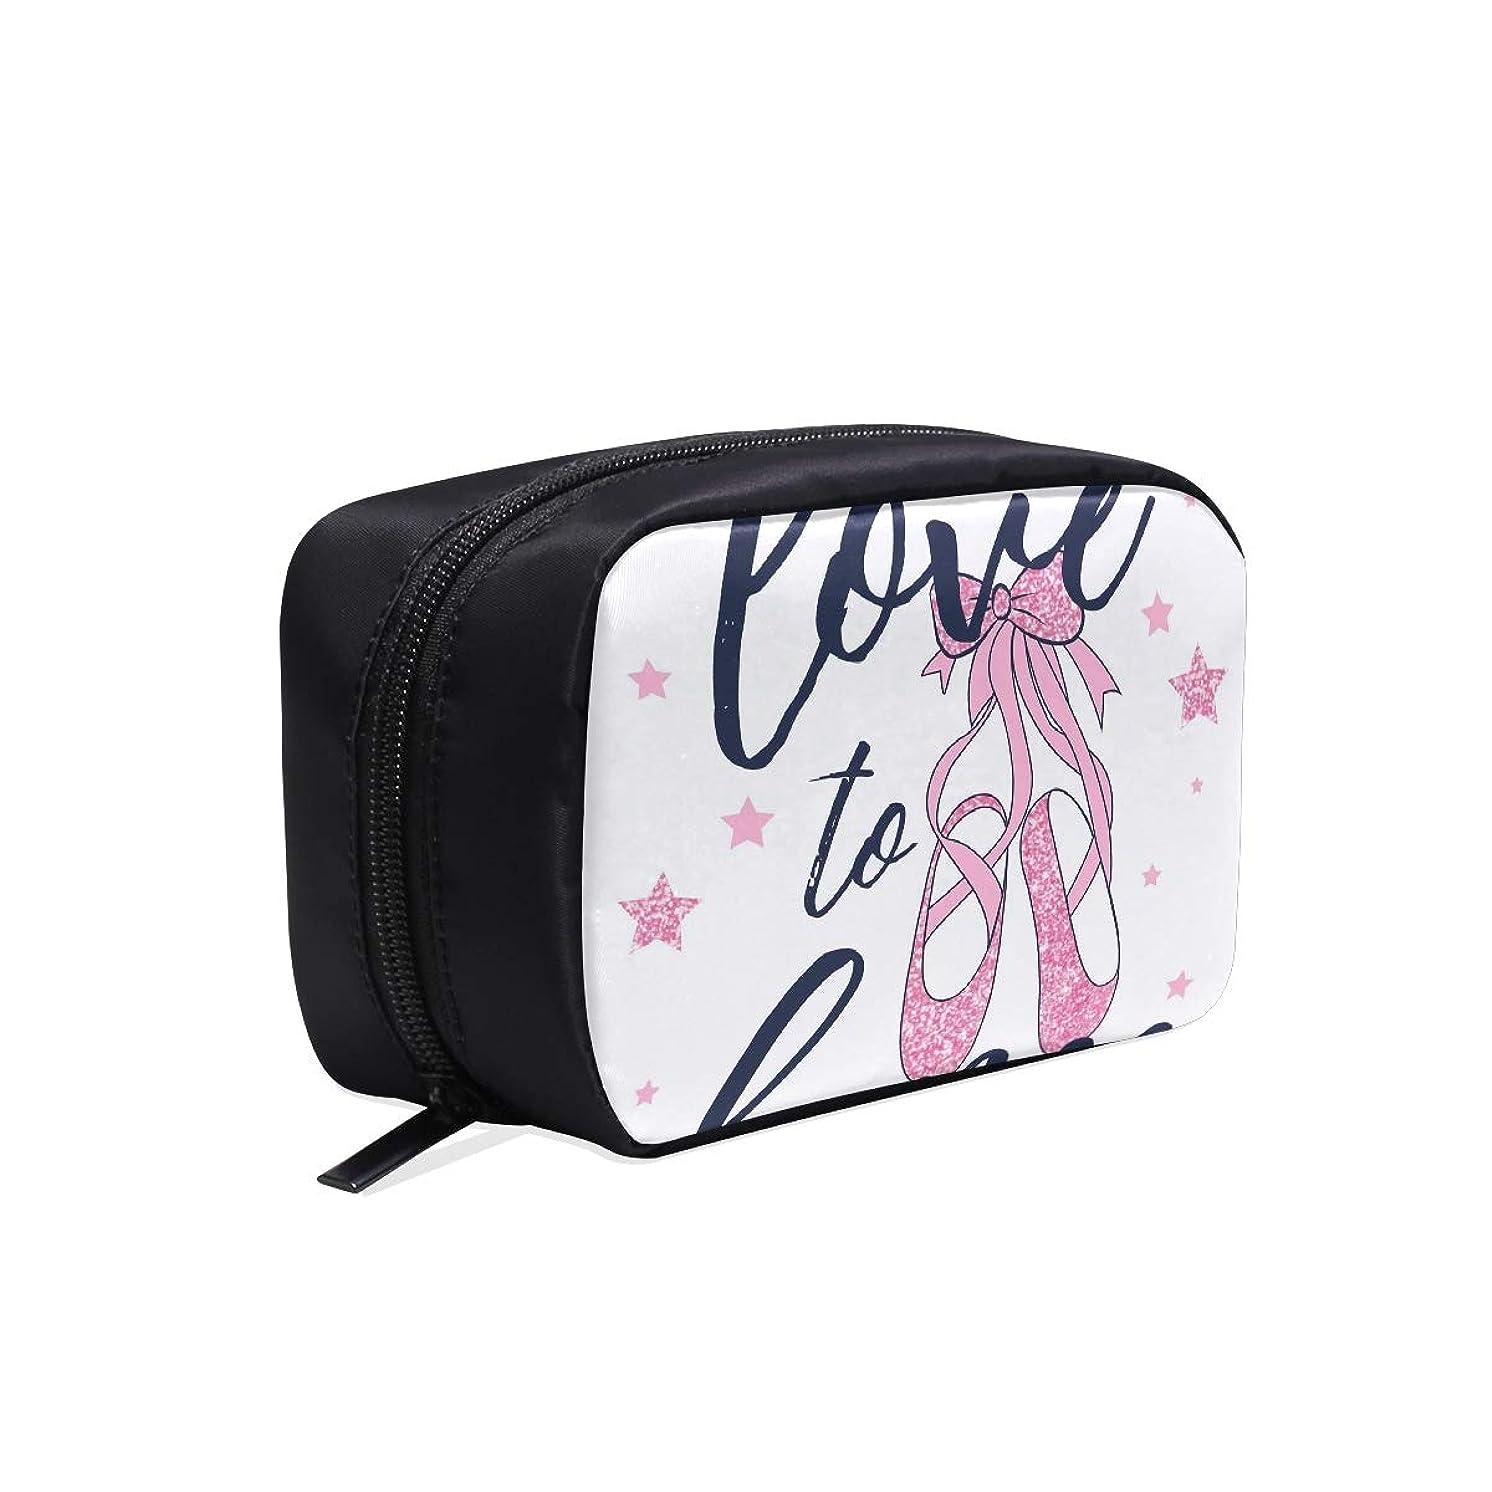 圧縮されたそばに自伝GXMAN メイクポーチ バレエ ボックス コスメ収納 化粧品収納ケース 大容量 収納 化粧品入れ 化粧バッグ 旅行用 メイクブラシバッグ 化粧箱 持ち運び便利 プロ用